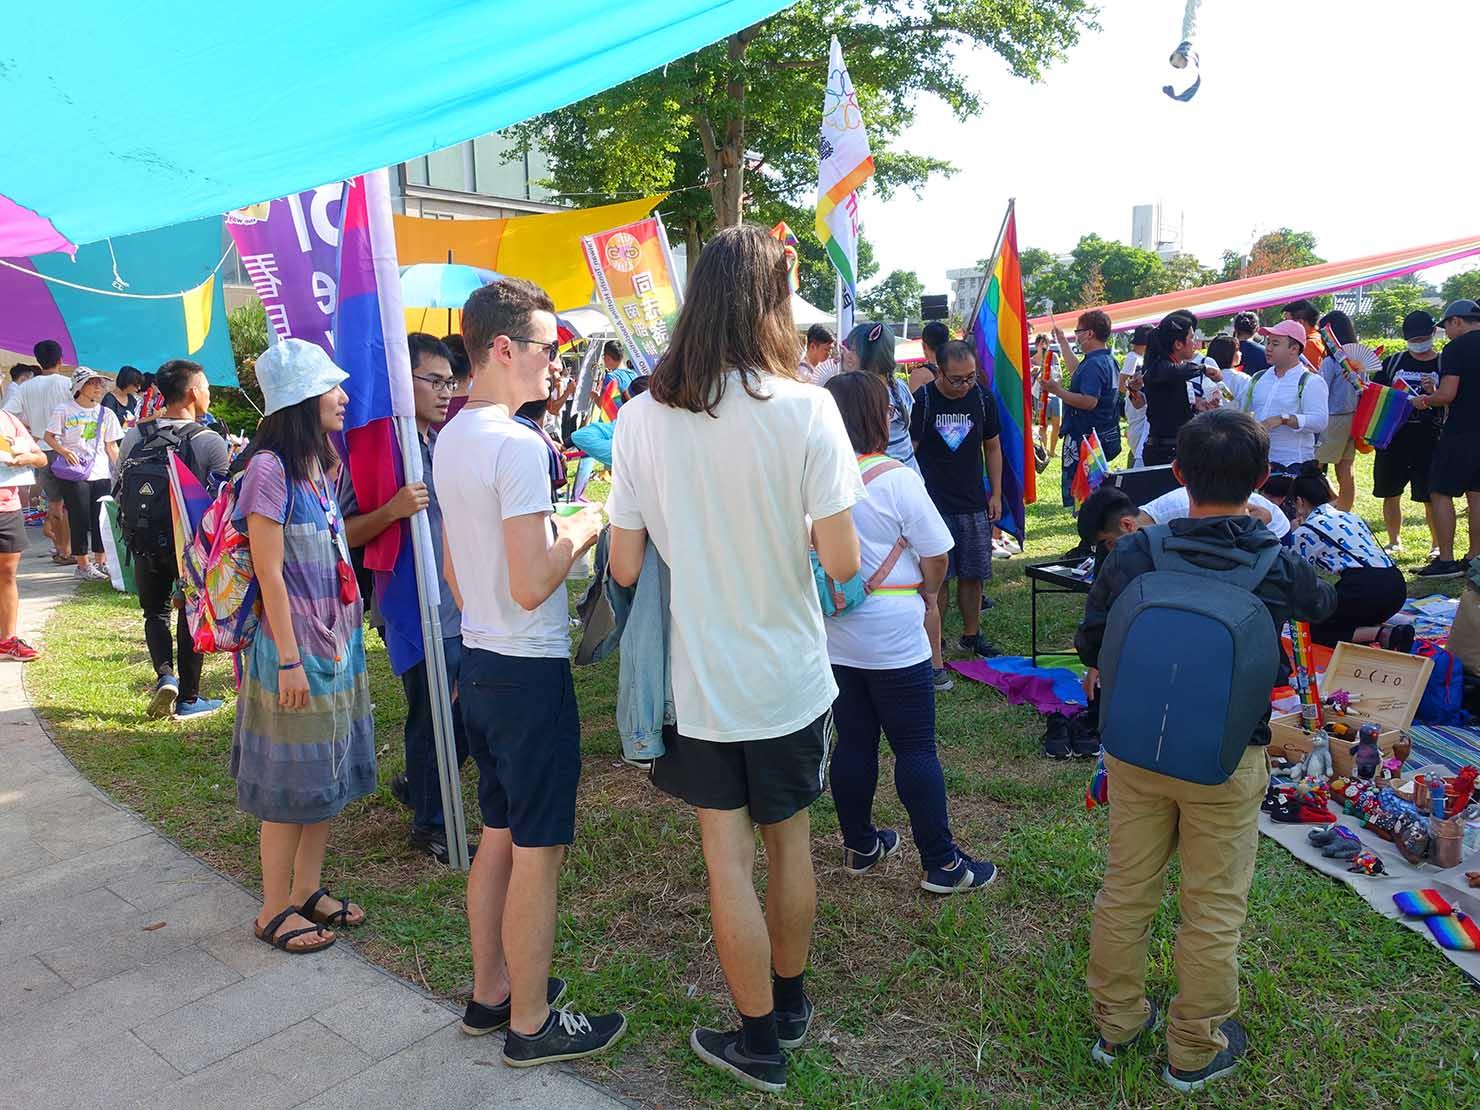 花東彩虹嘉年華(台湾東部LGBTプライド / 台東場)の集合地点・新生公園に集まる参加者たち